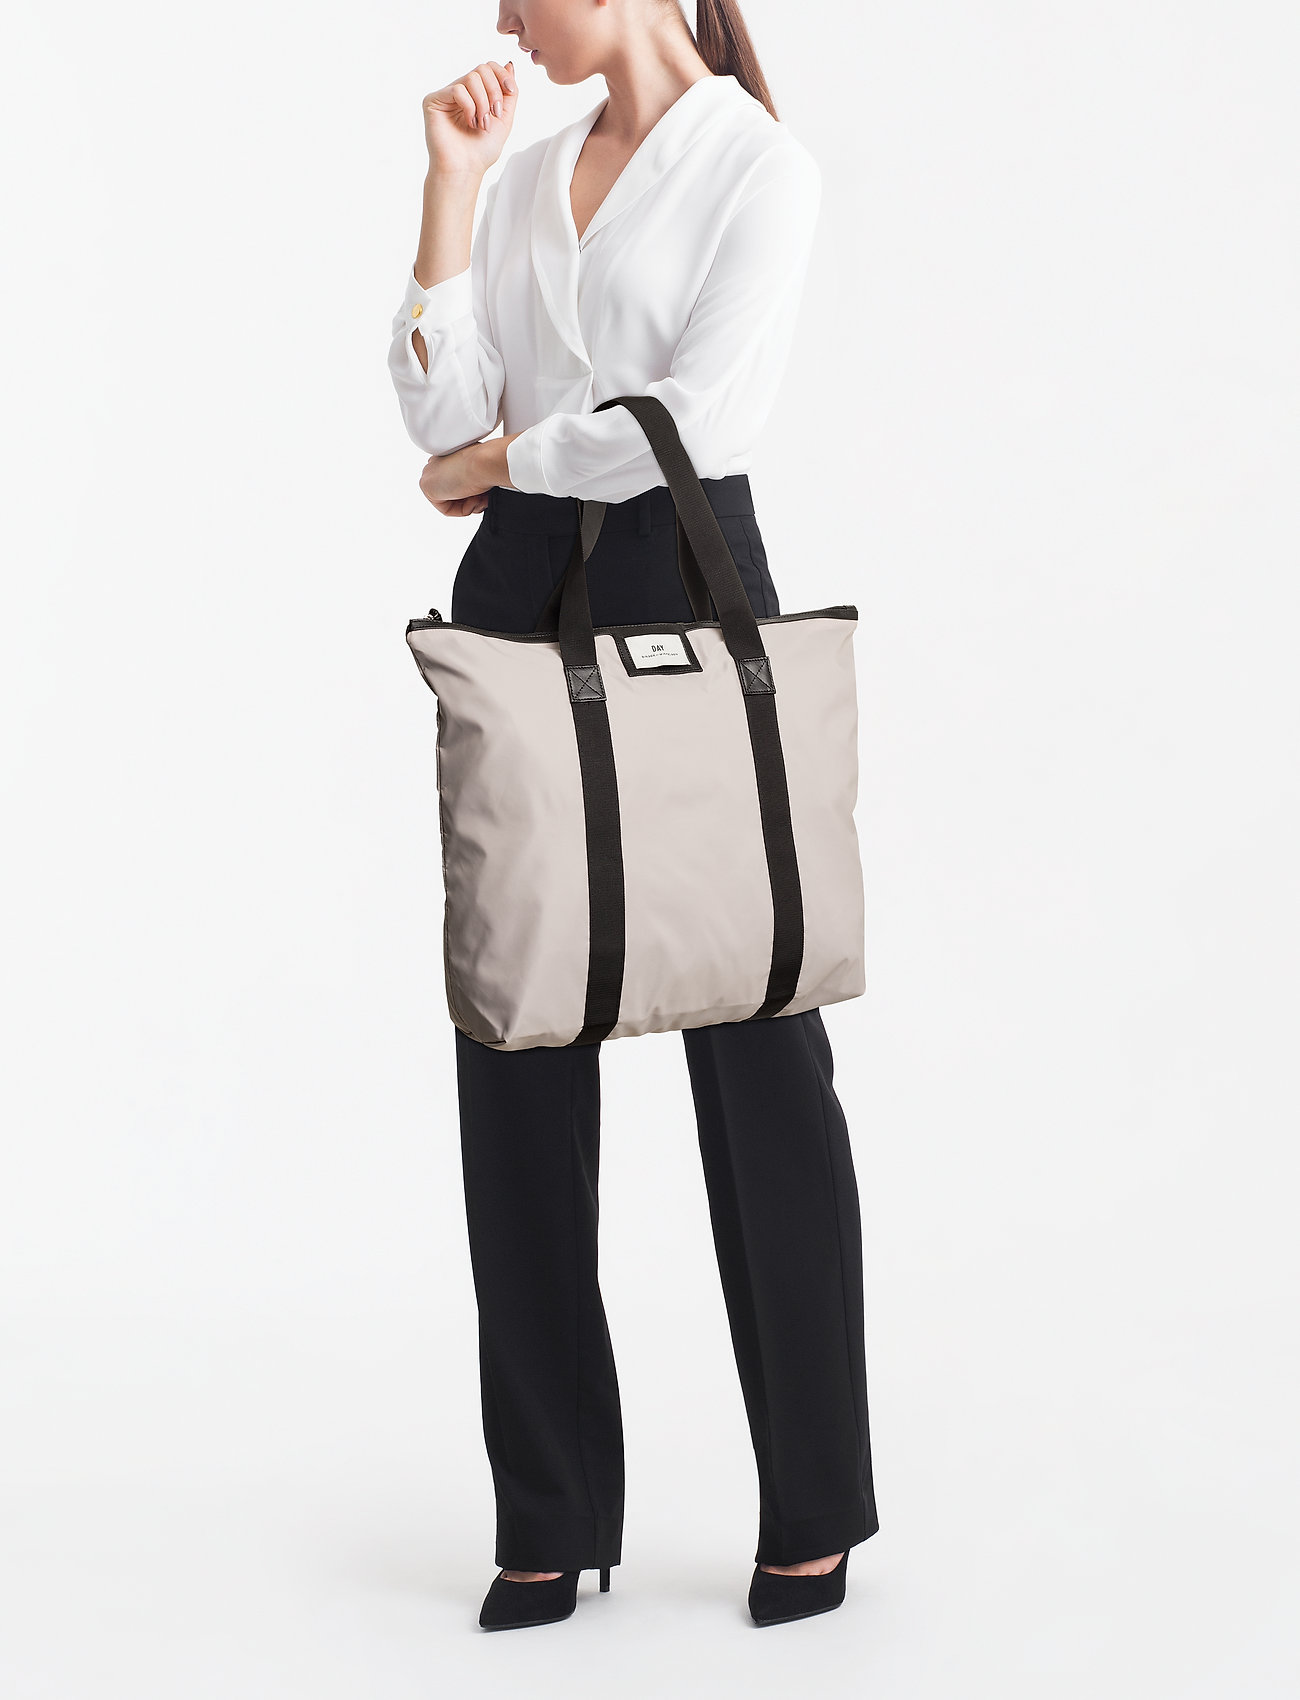 DAY et Day Gweneth Bag